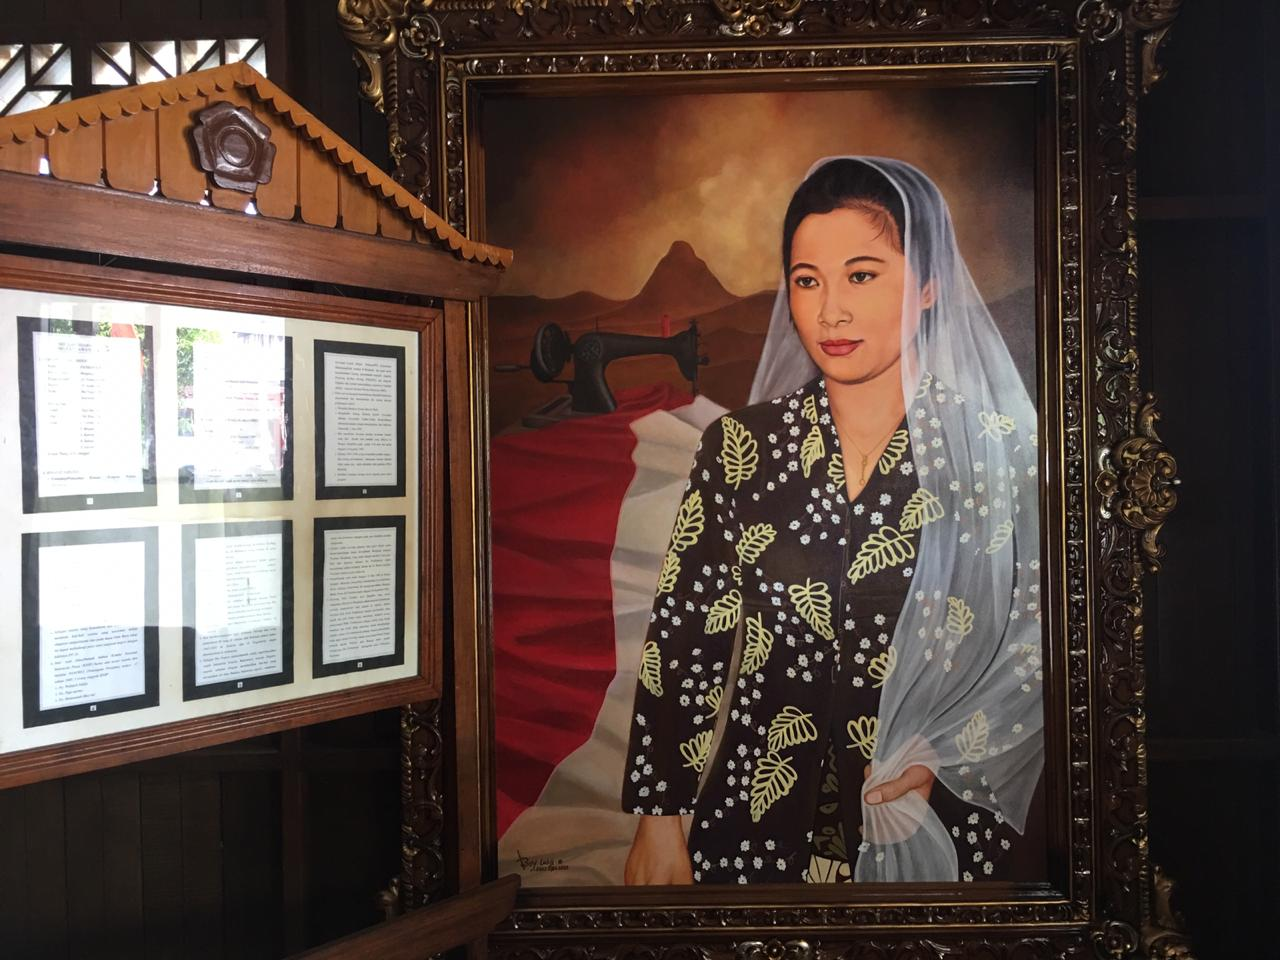 https: img.okezone.com content 2019 09 04 337 2100713 romansa-soekarno-fatmawati-dari-pengasingan-turun-ke-hati-ljHUkgJLWj.jpg